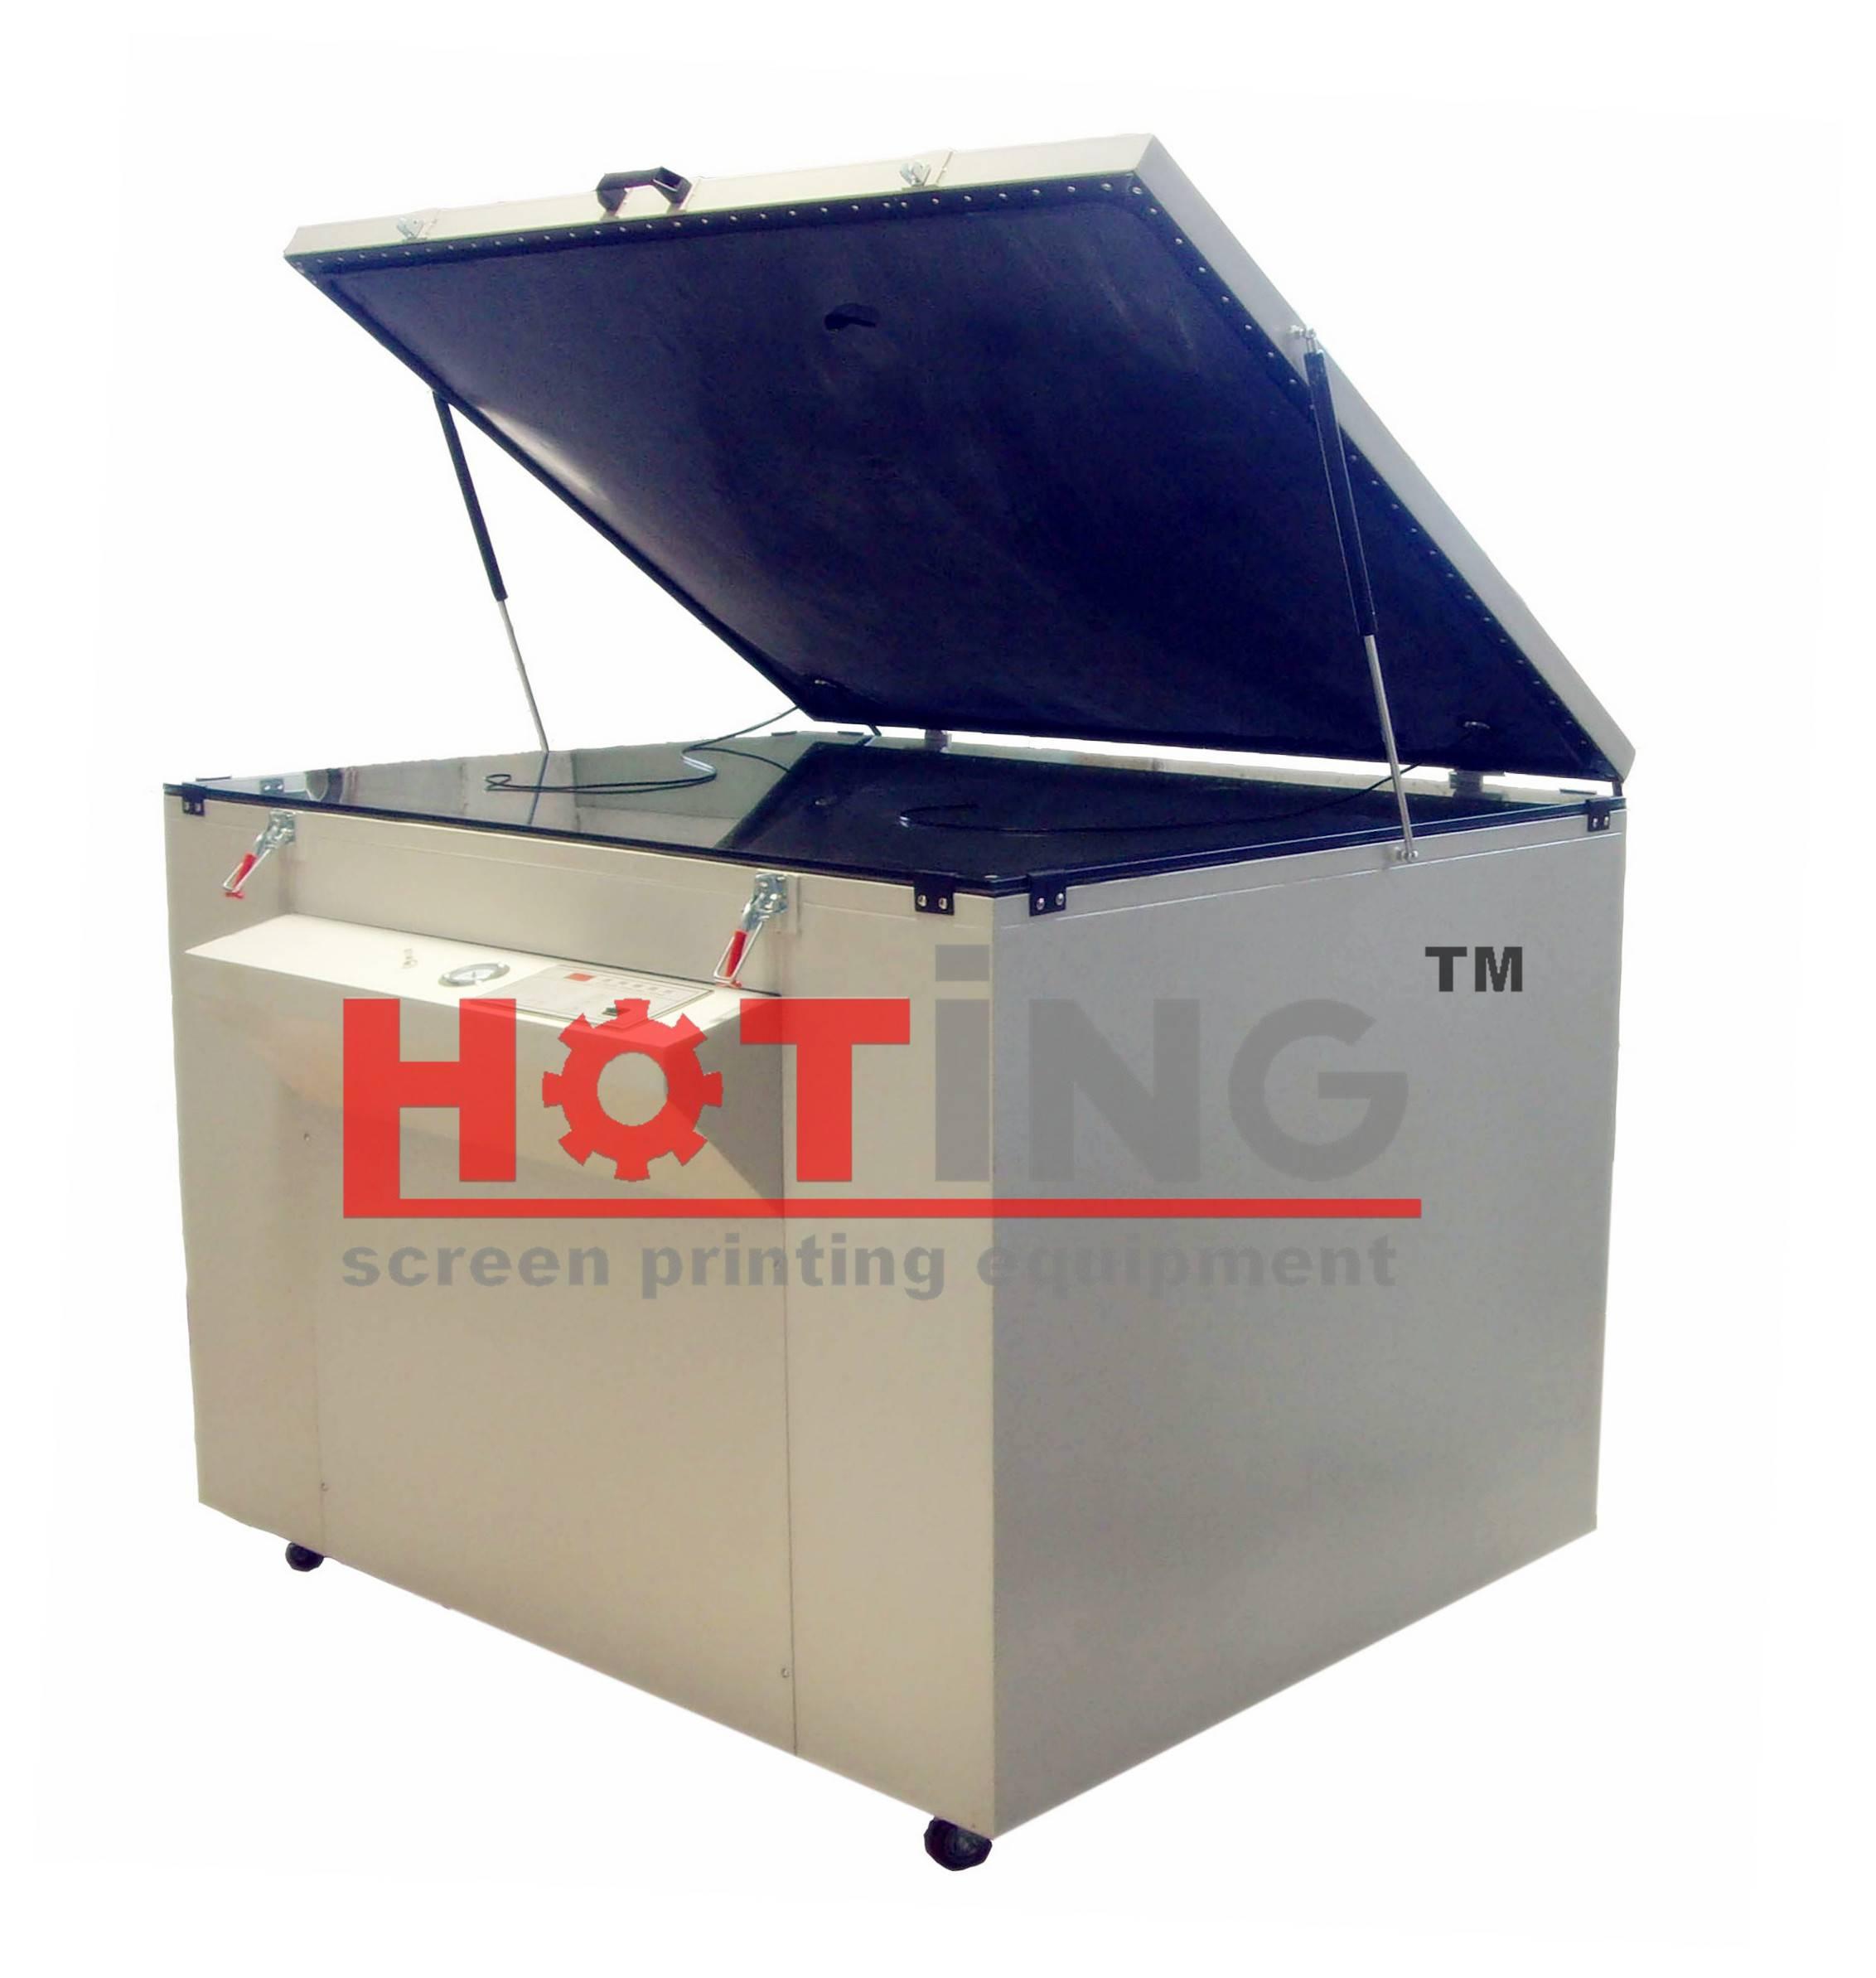 Horizontal exposure machine